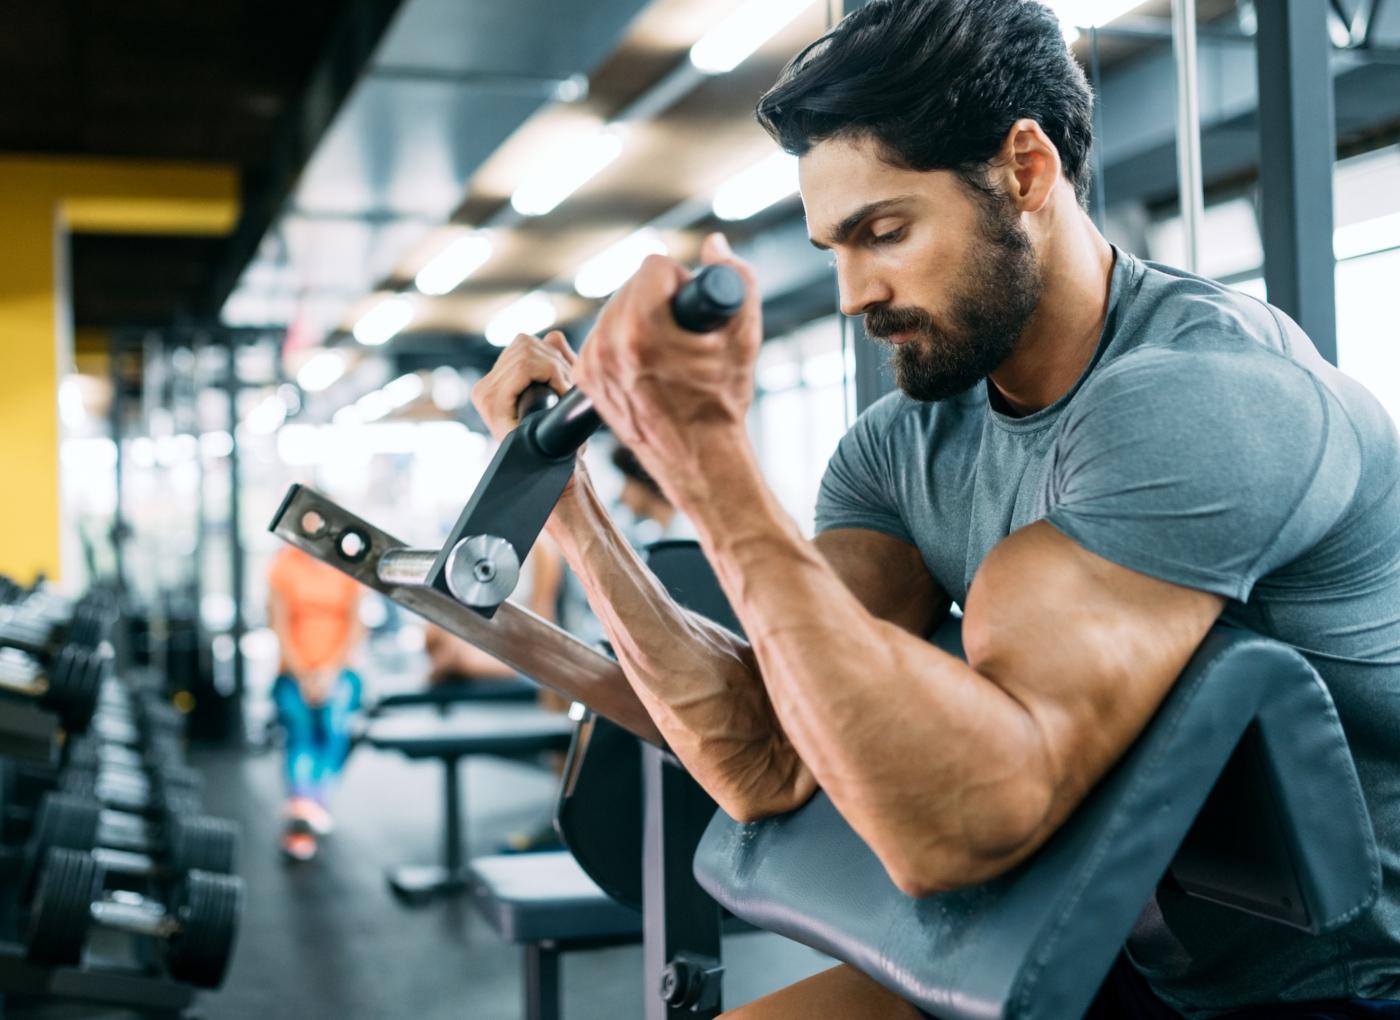 Fazer exercício todos os dias? Sim, desde que bem planeado